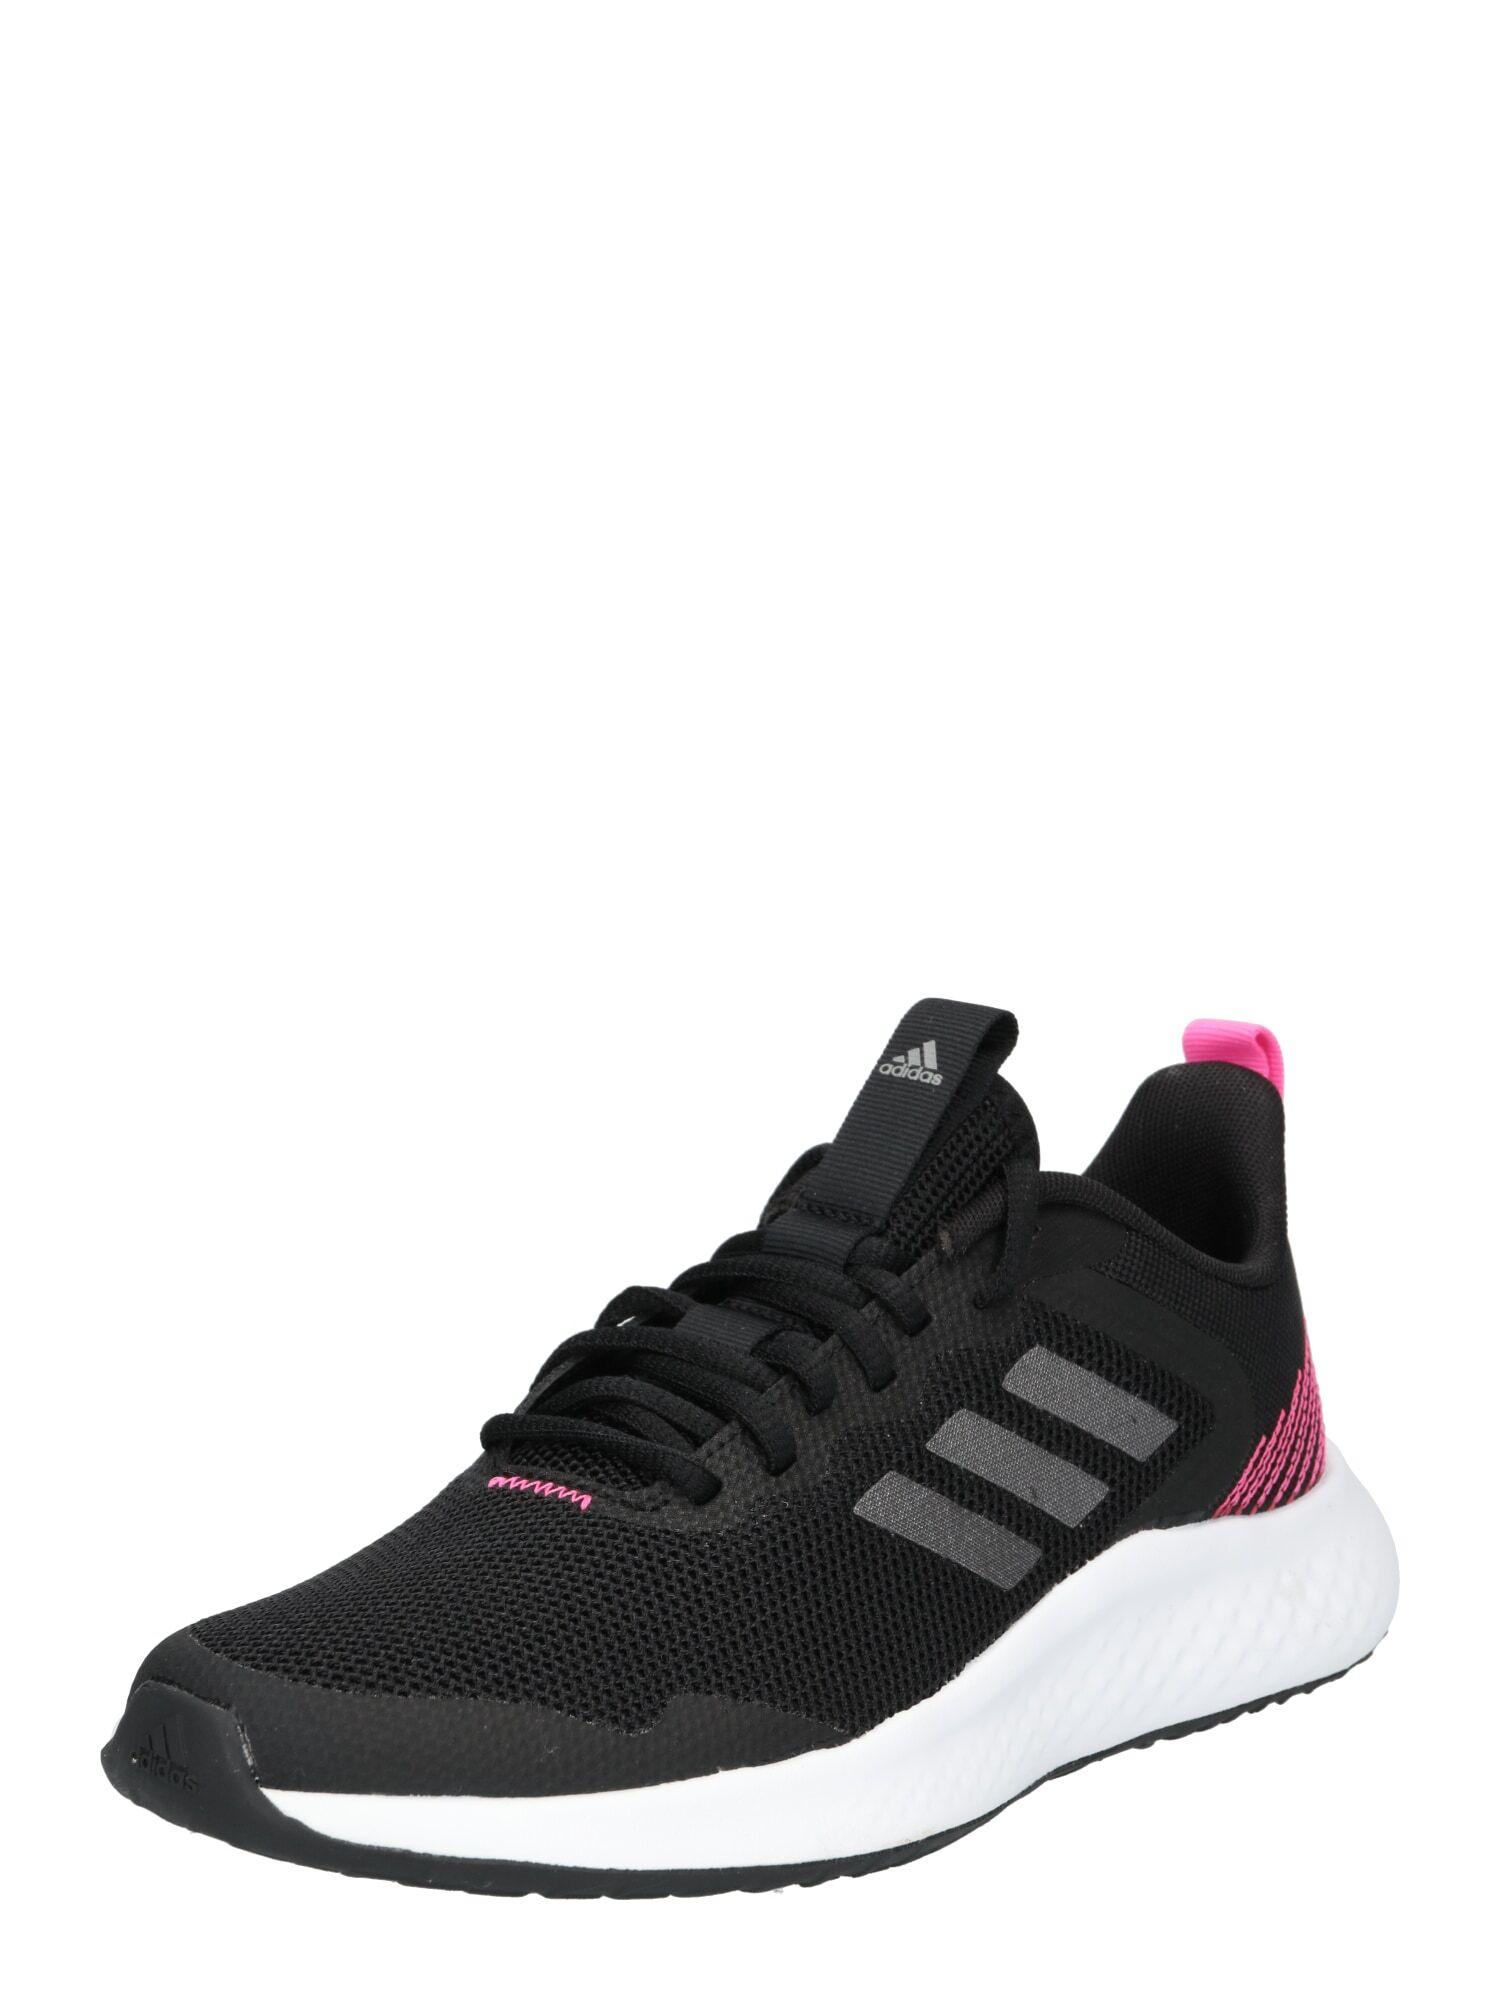 ADIDAS PERFORMANCE Chaussure de course  - Noir - Taille: 36.5-37 - female